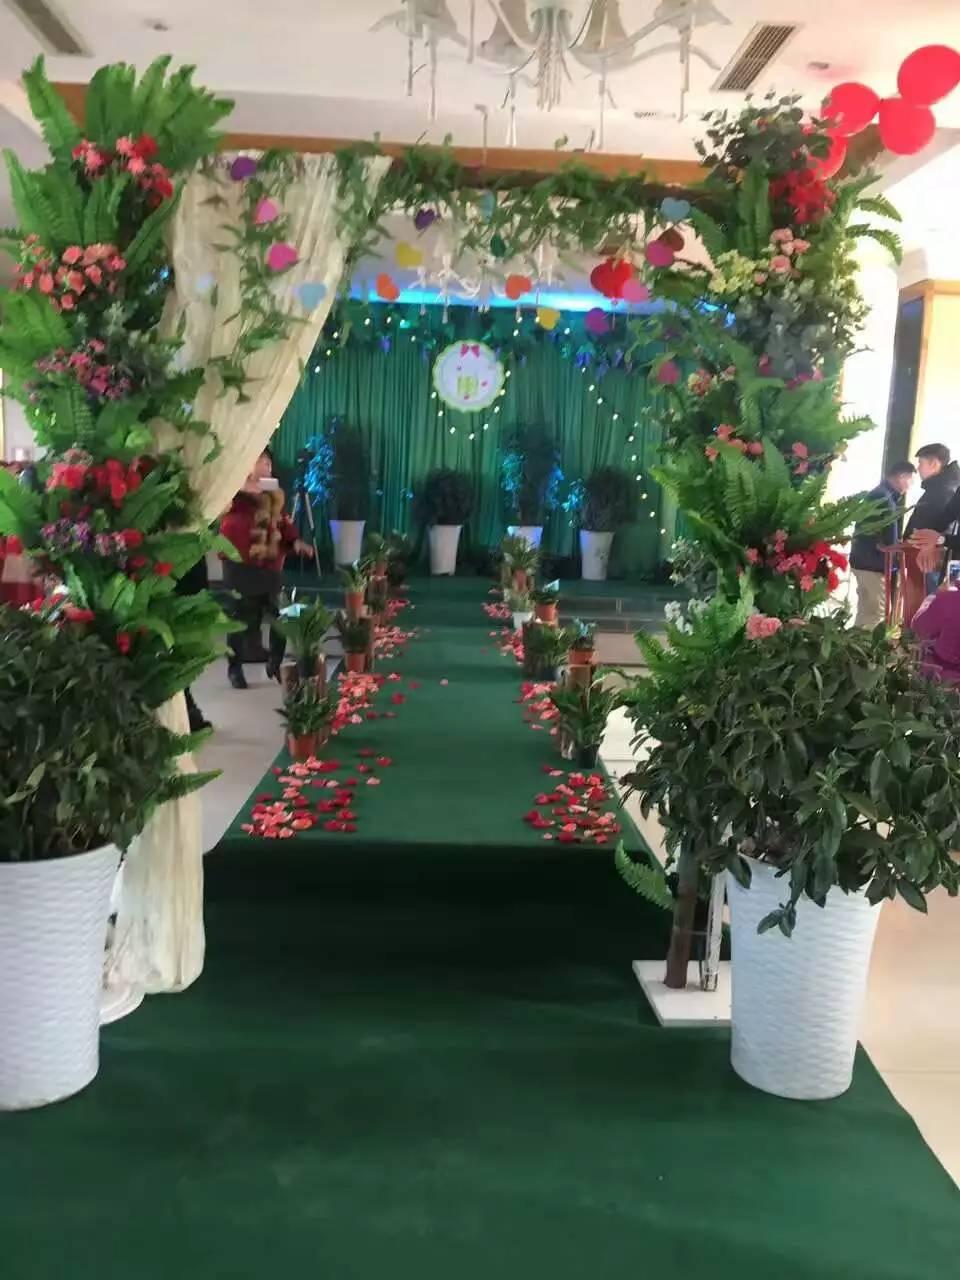 三台婚庆简洁森林系布置